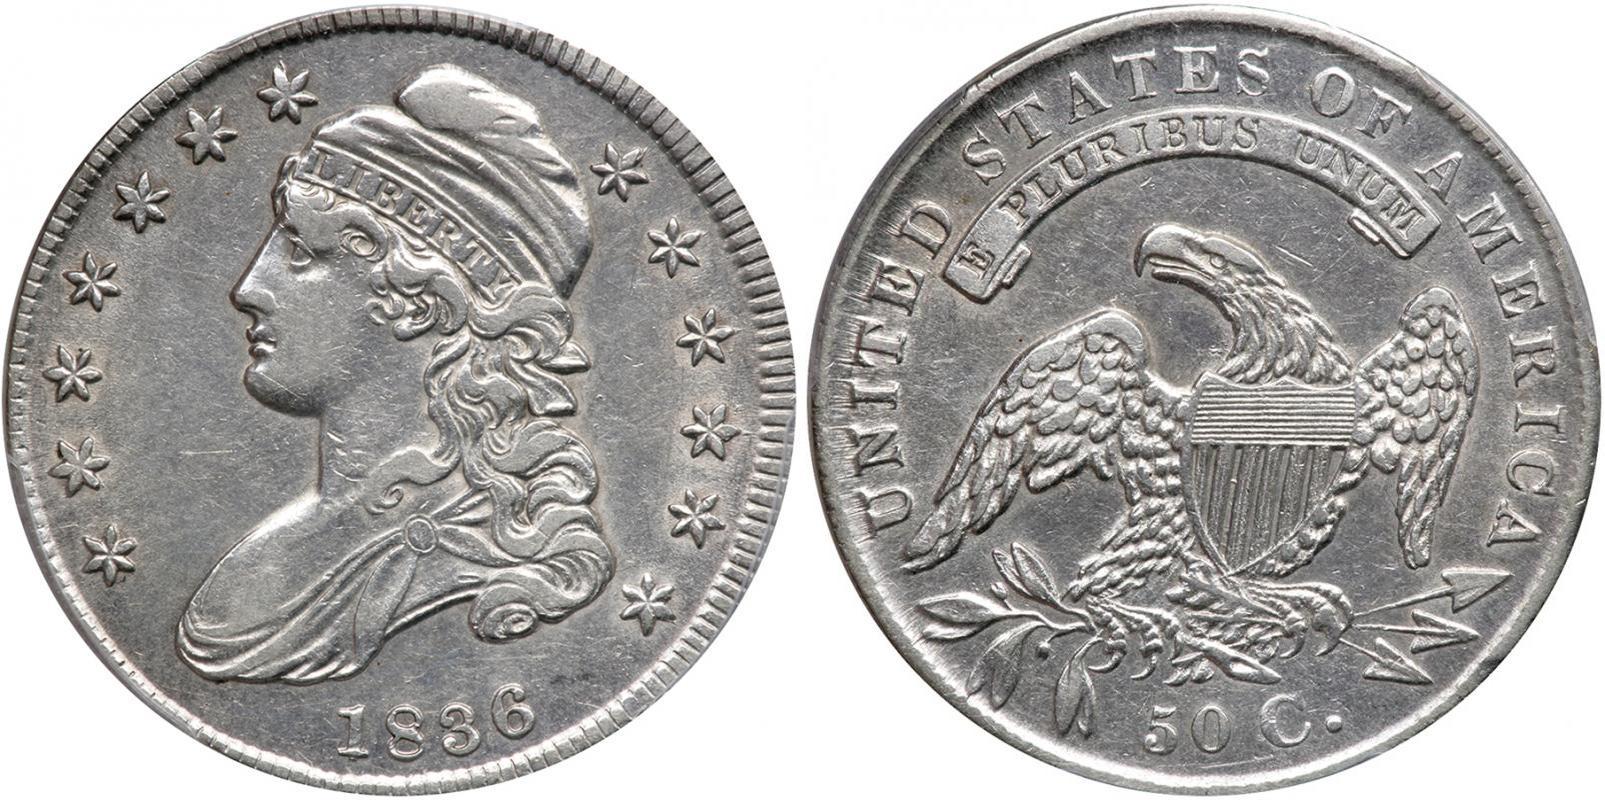 Münze 50 Cent Vereinigten Staaten Von Amerika 1776 Silber 1807